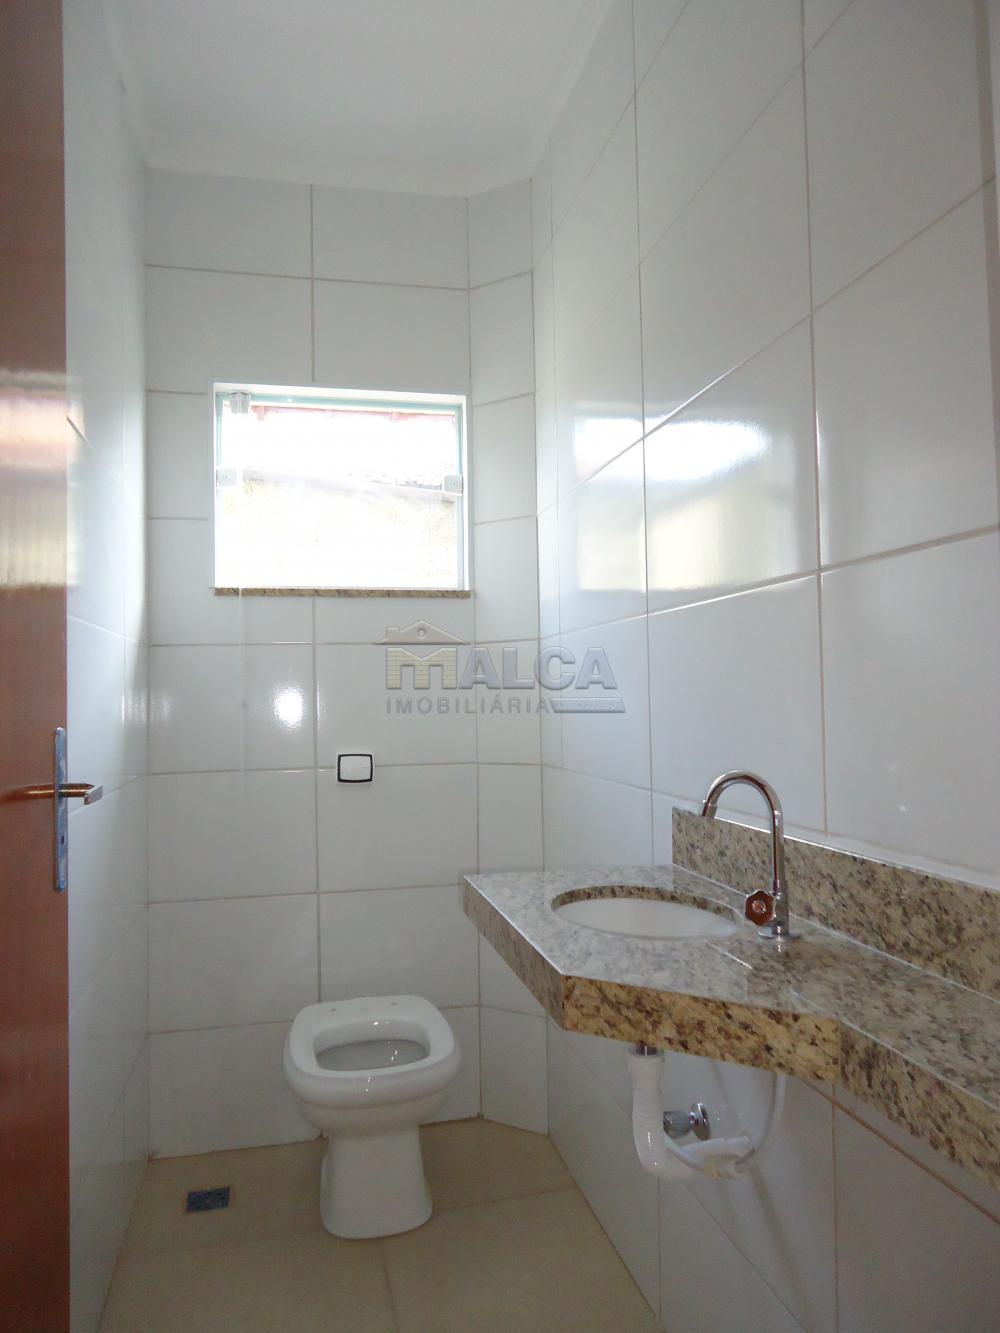 Alugar Apartamentos / Padrão em São José do Rio Pardo R$ 935,00 - Foto 11